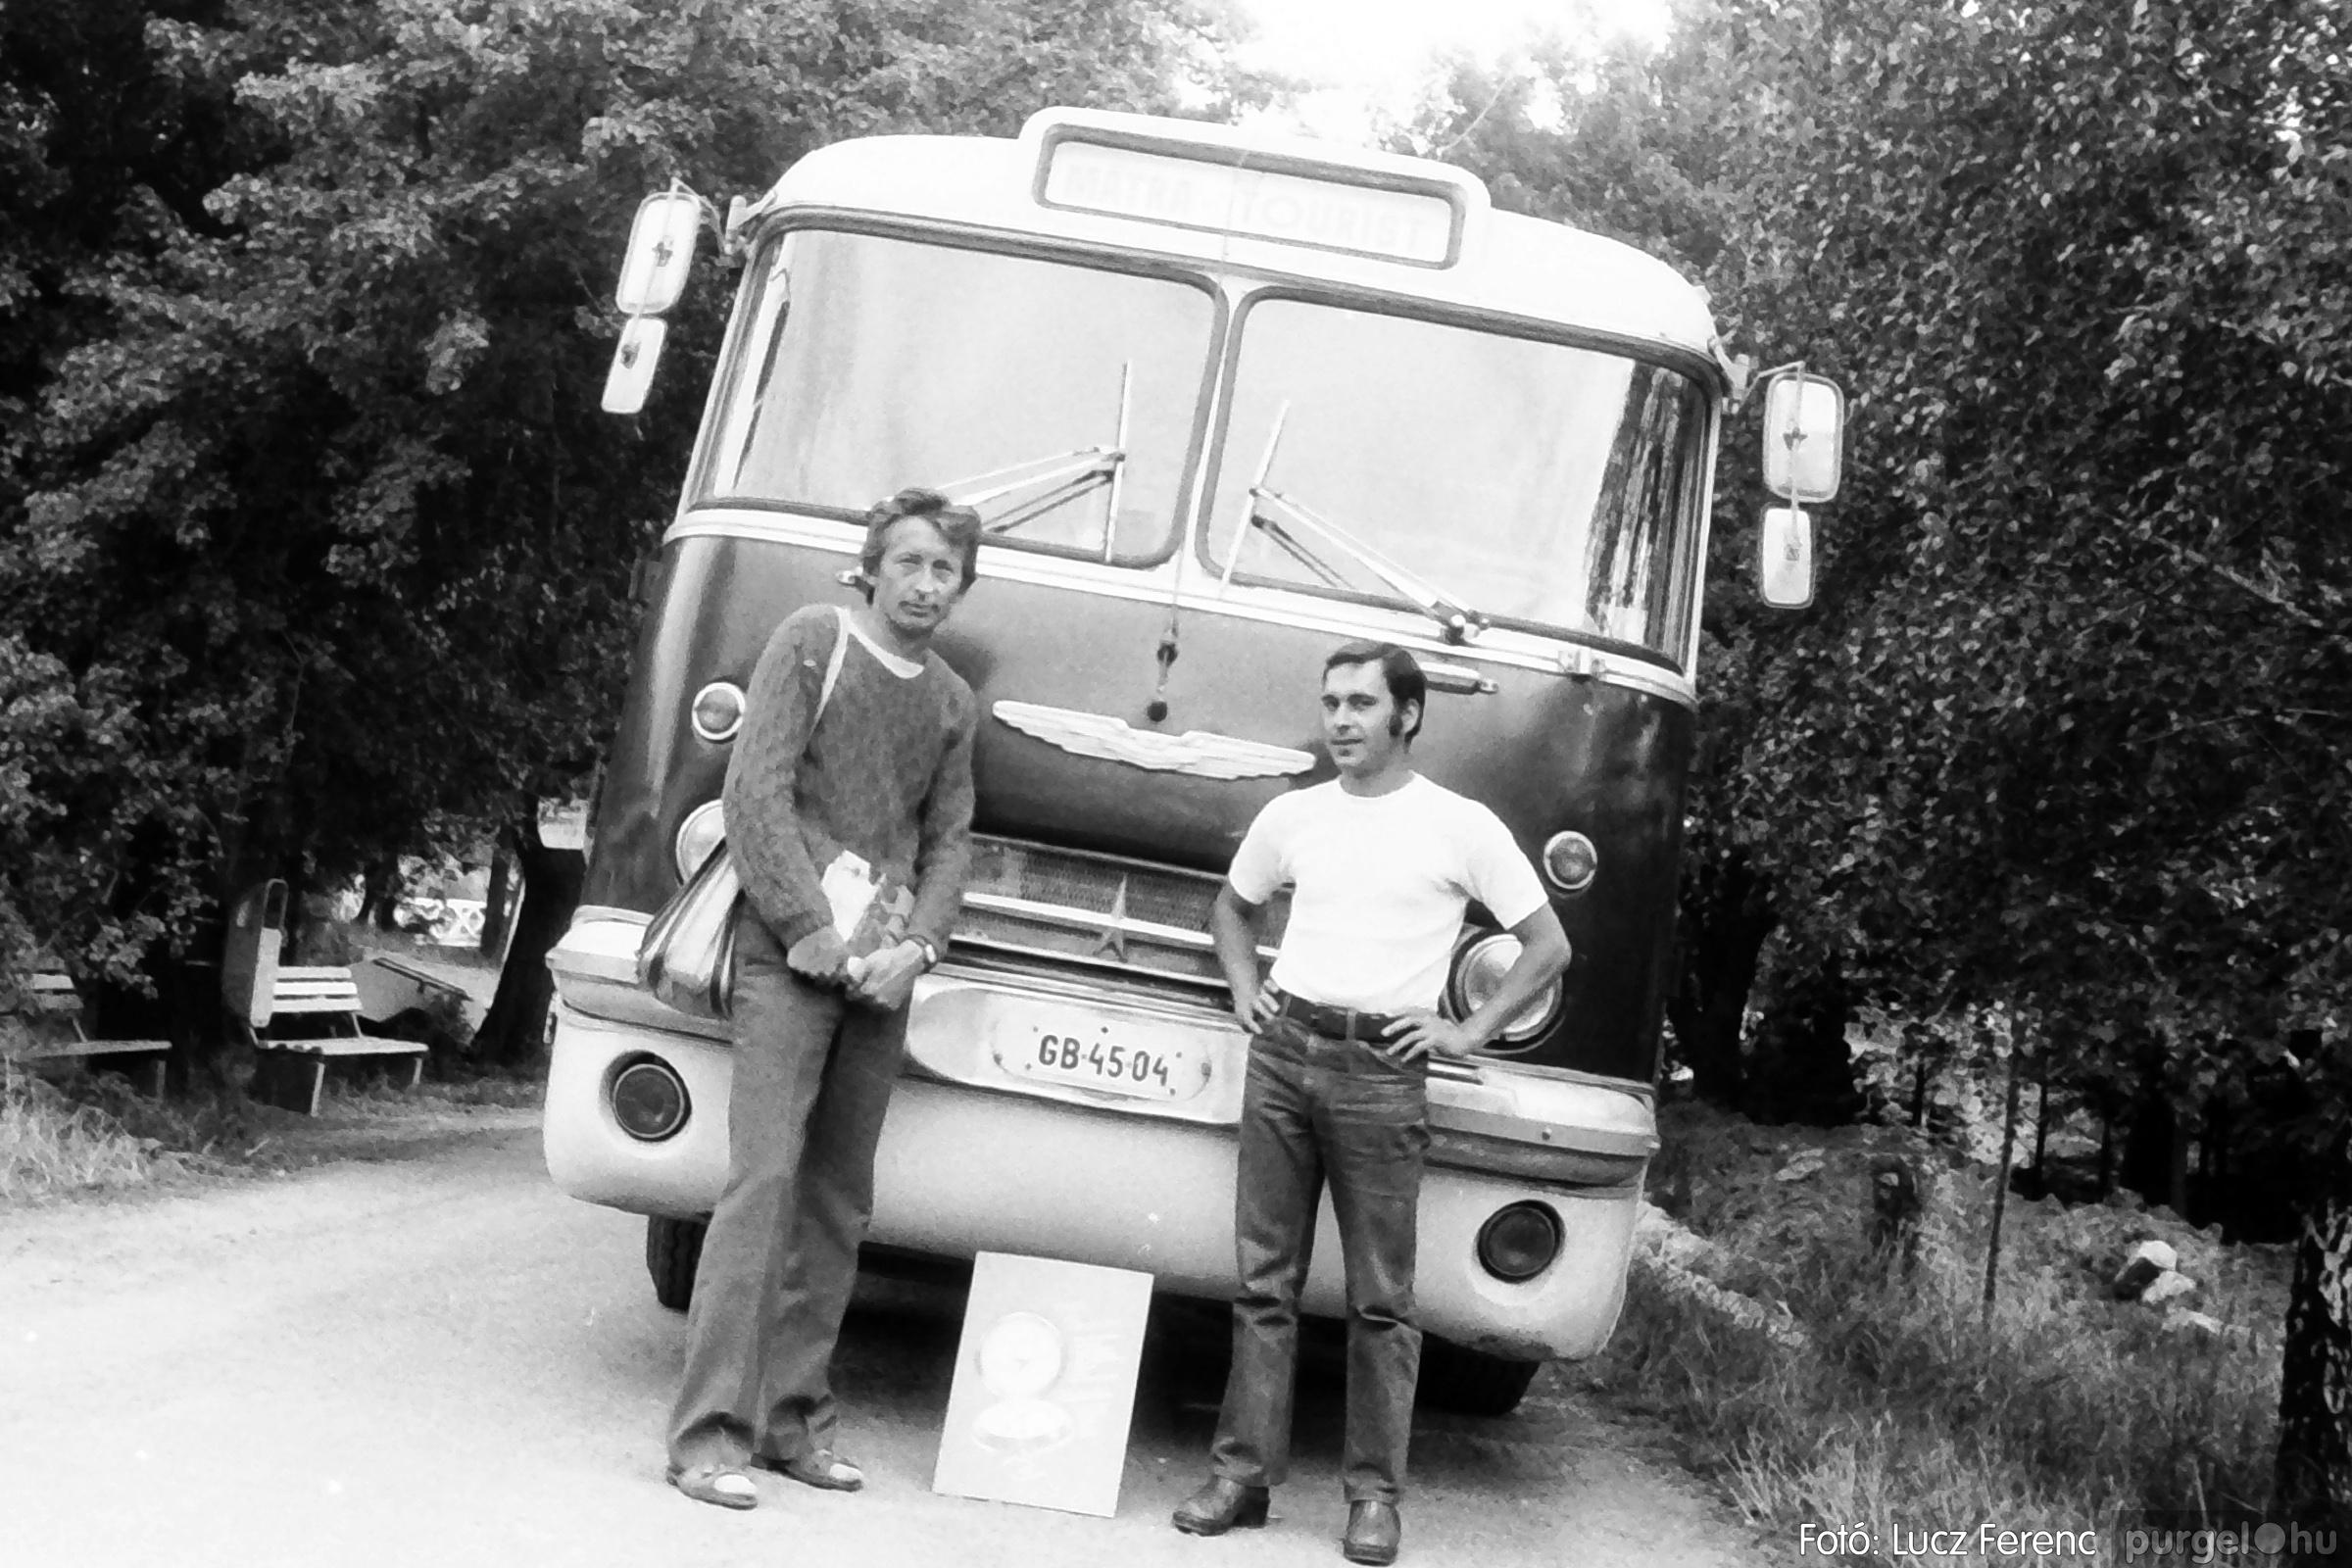 086, 088. 1977. Nyári tábor a Mátrában 043. - Fotó: Lucz Ferenc.jpg